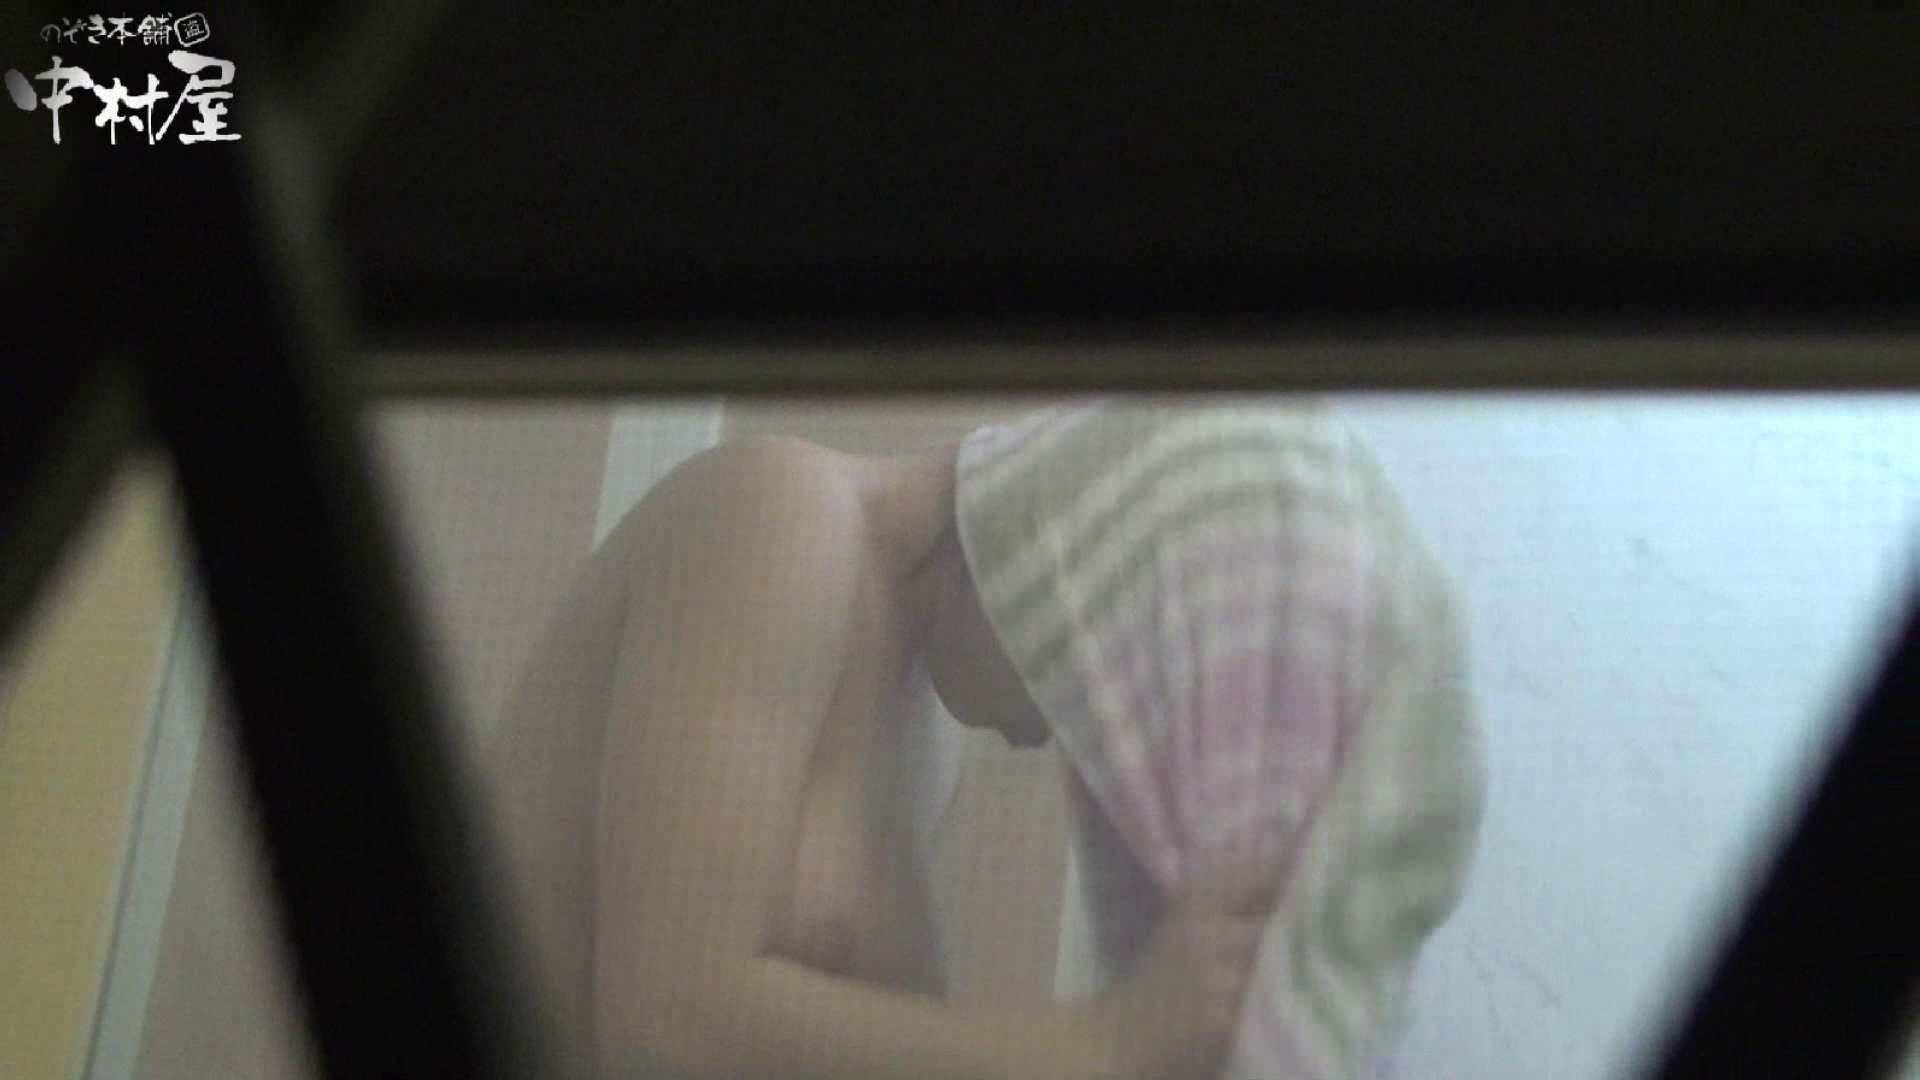 民家風呂専門盗撮師の超危険映像 vol.027 盗撮師作品 盗撮動画紹介 84pic 14